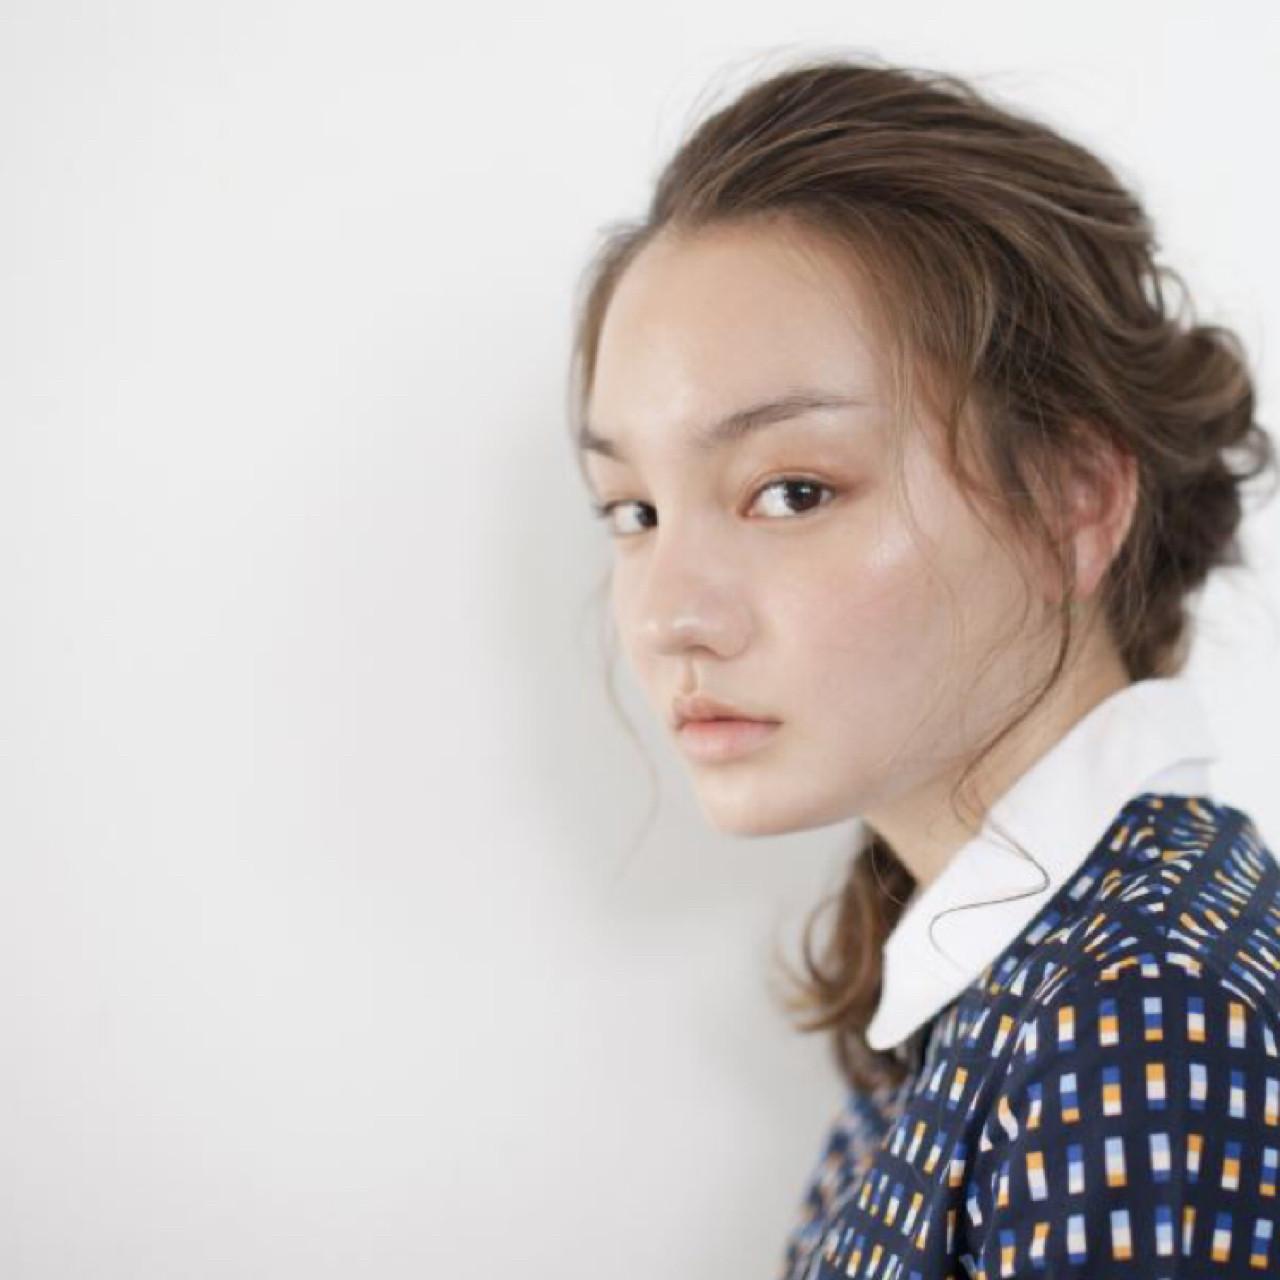 簡単ヘアアレンジ 編み込み ヘアアレンジ セミロングヘアスタイルや髪型の写真・画像